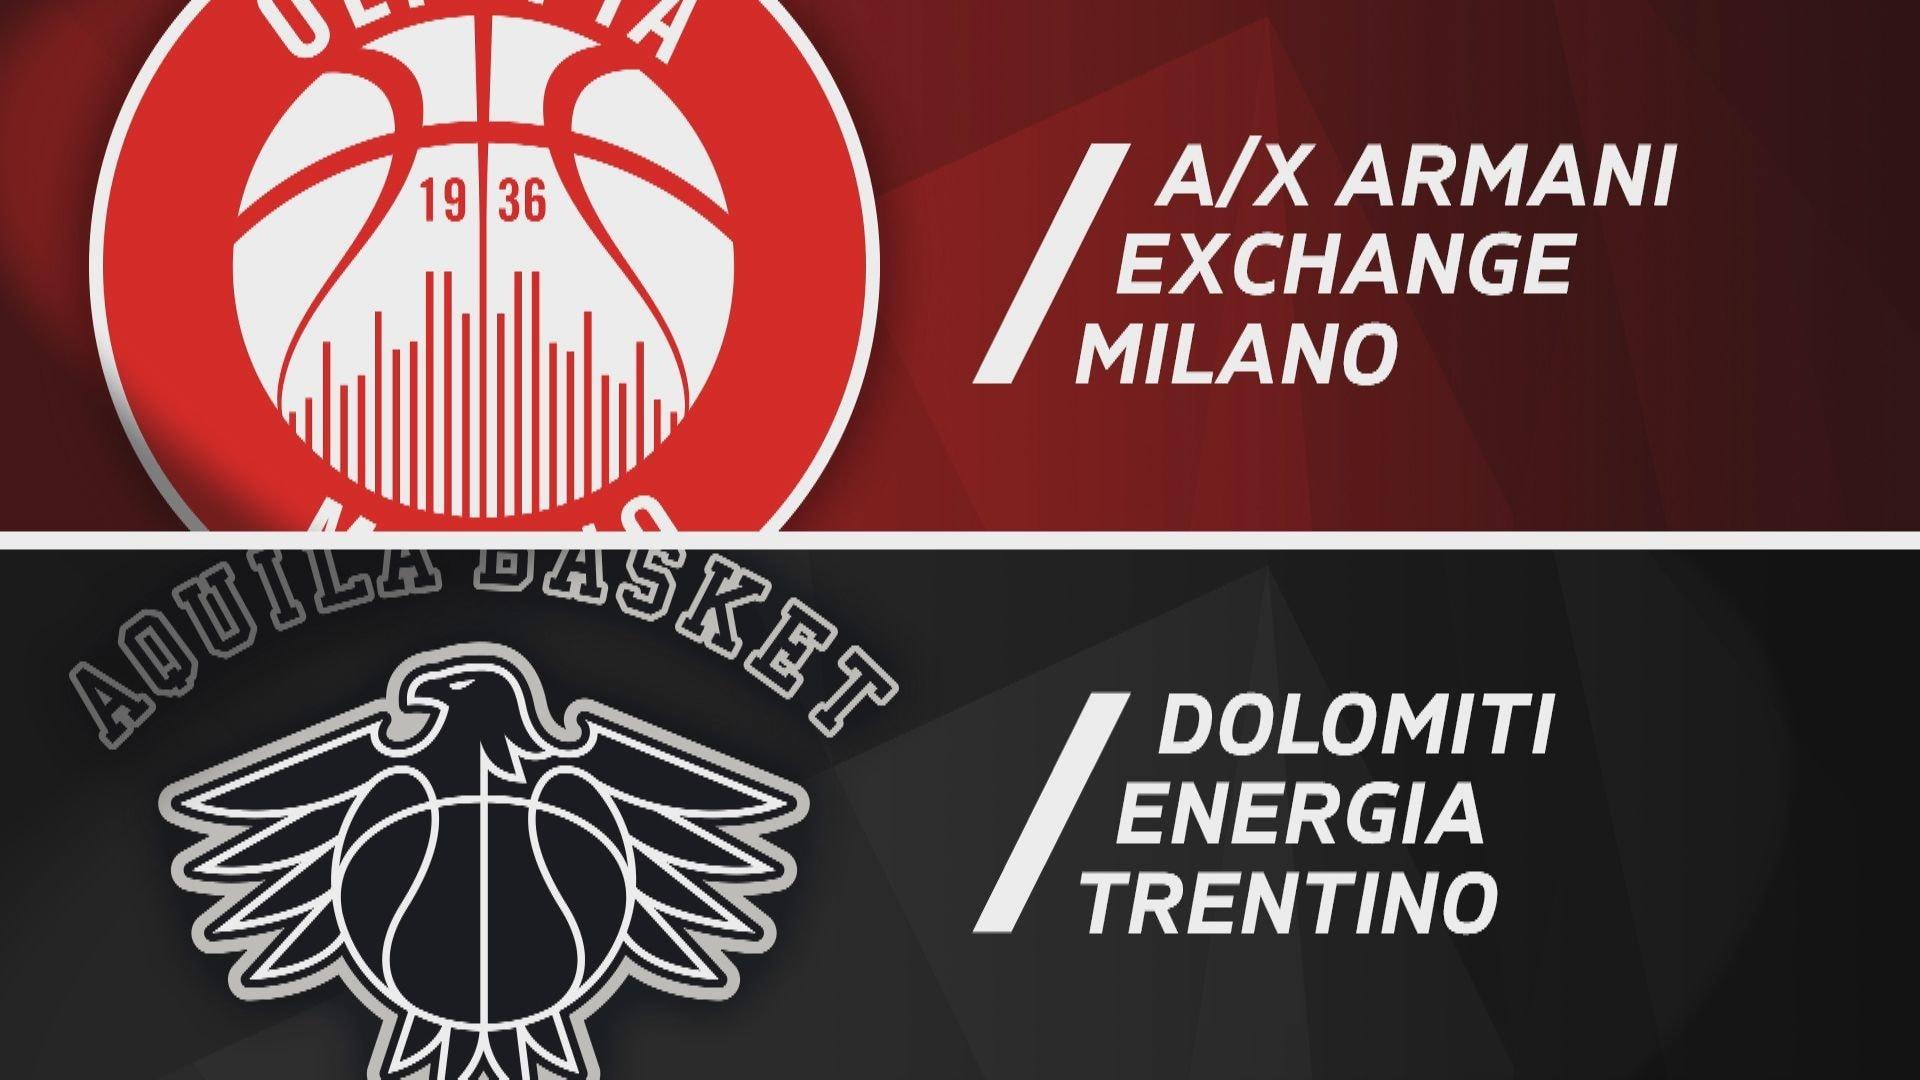 A X Armani Exchange Milano - Dolomiti Energia Trentino 82-75